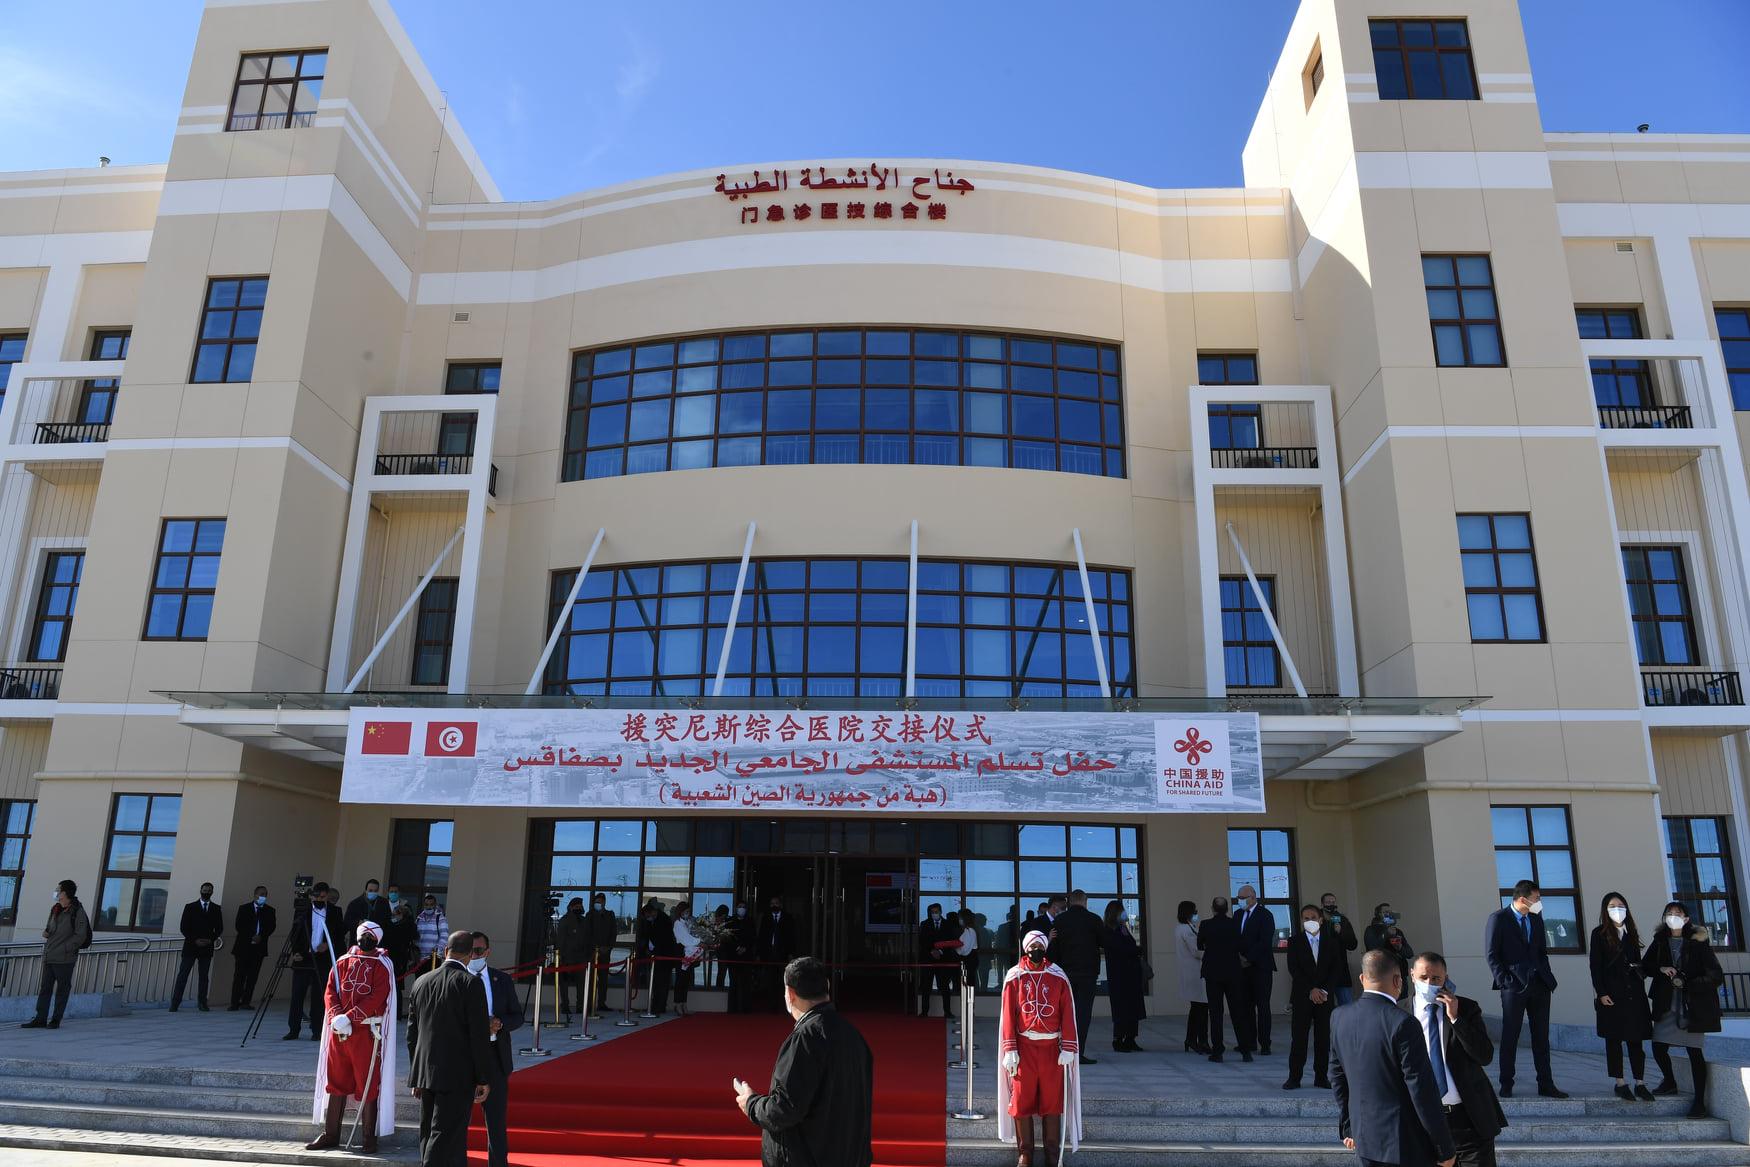 افتتاح مستشفىالعسكري بصفاقس الذي سيتحول إلى مركز وطني لرعاية وعلاج مرض (كوفيد-19)